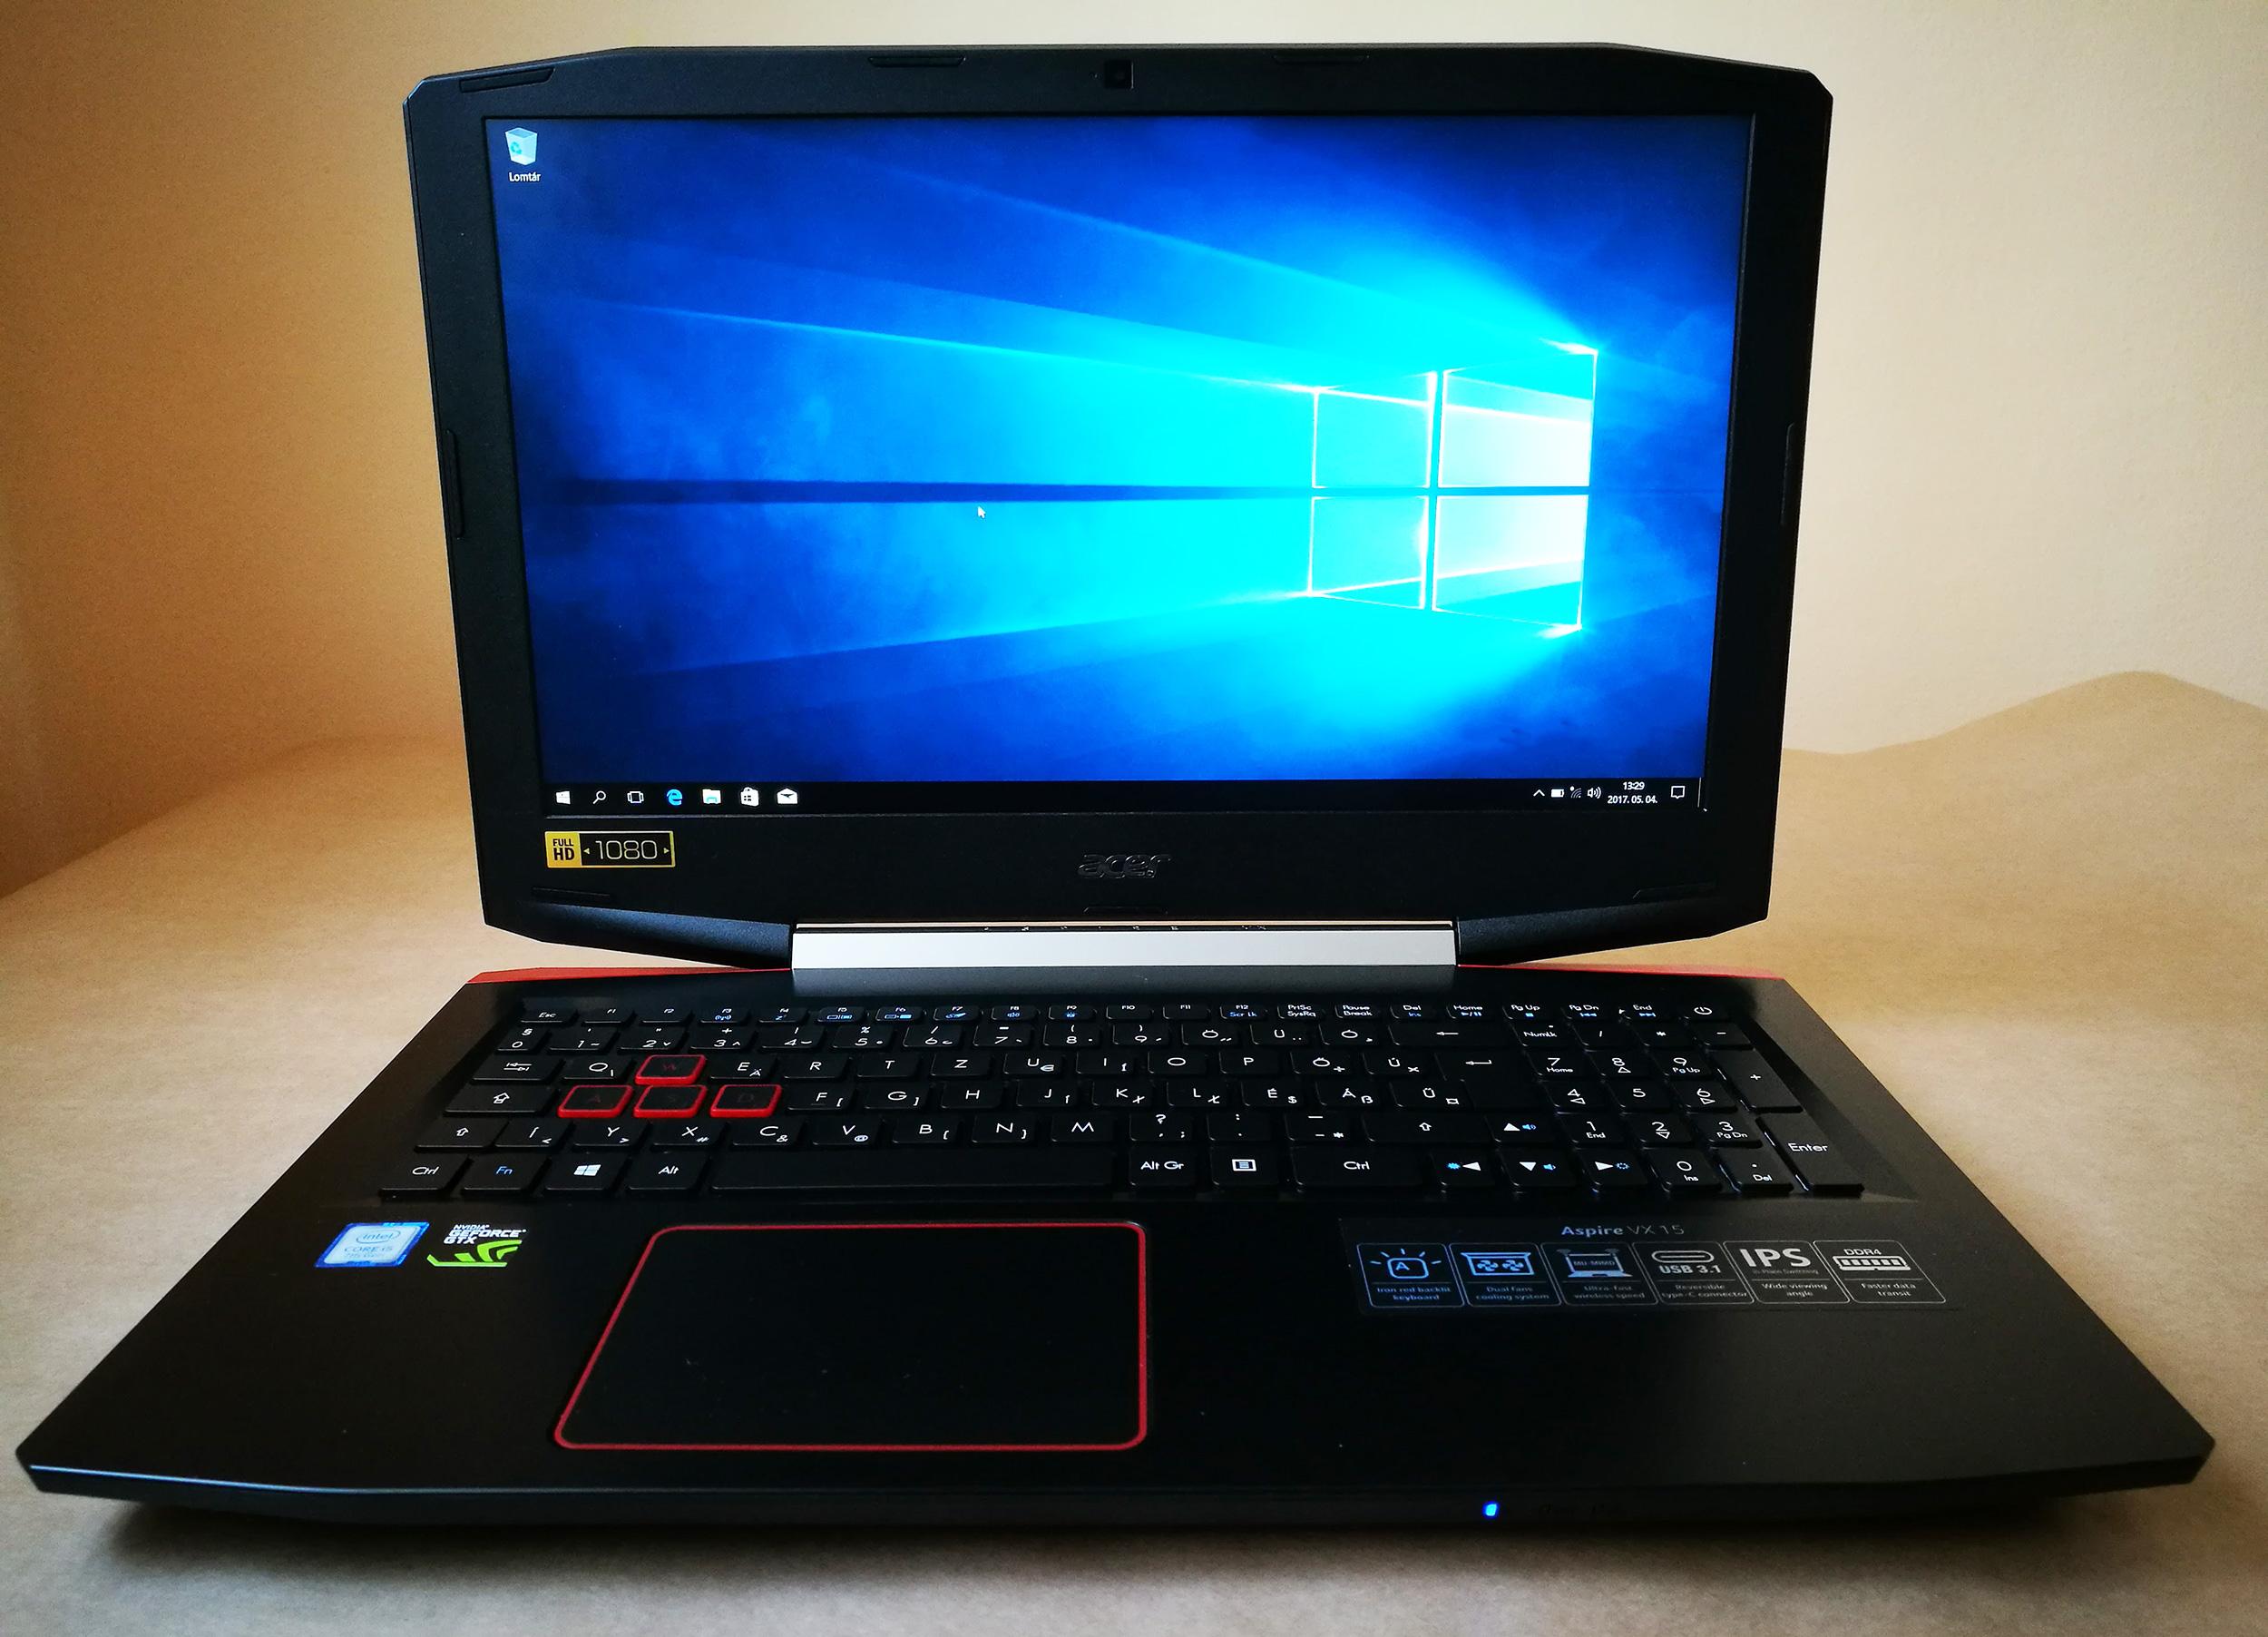 Acer Aspire VX5-591G (VX15) teszt - Techkalauz 0287d46728